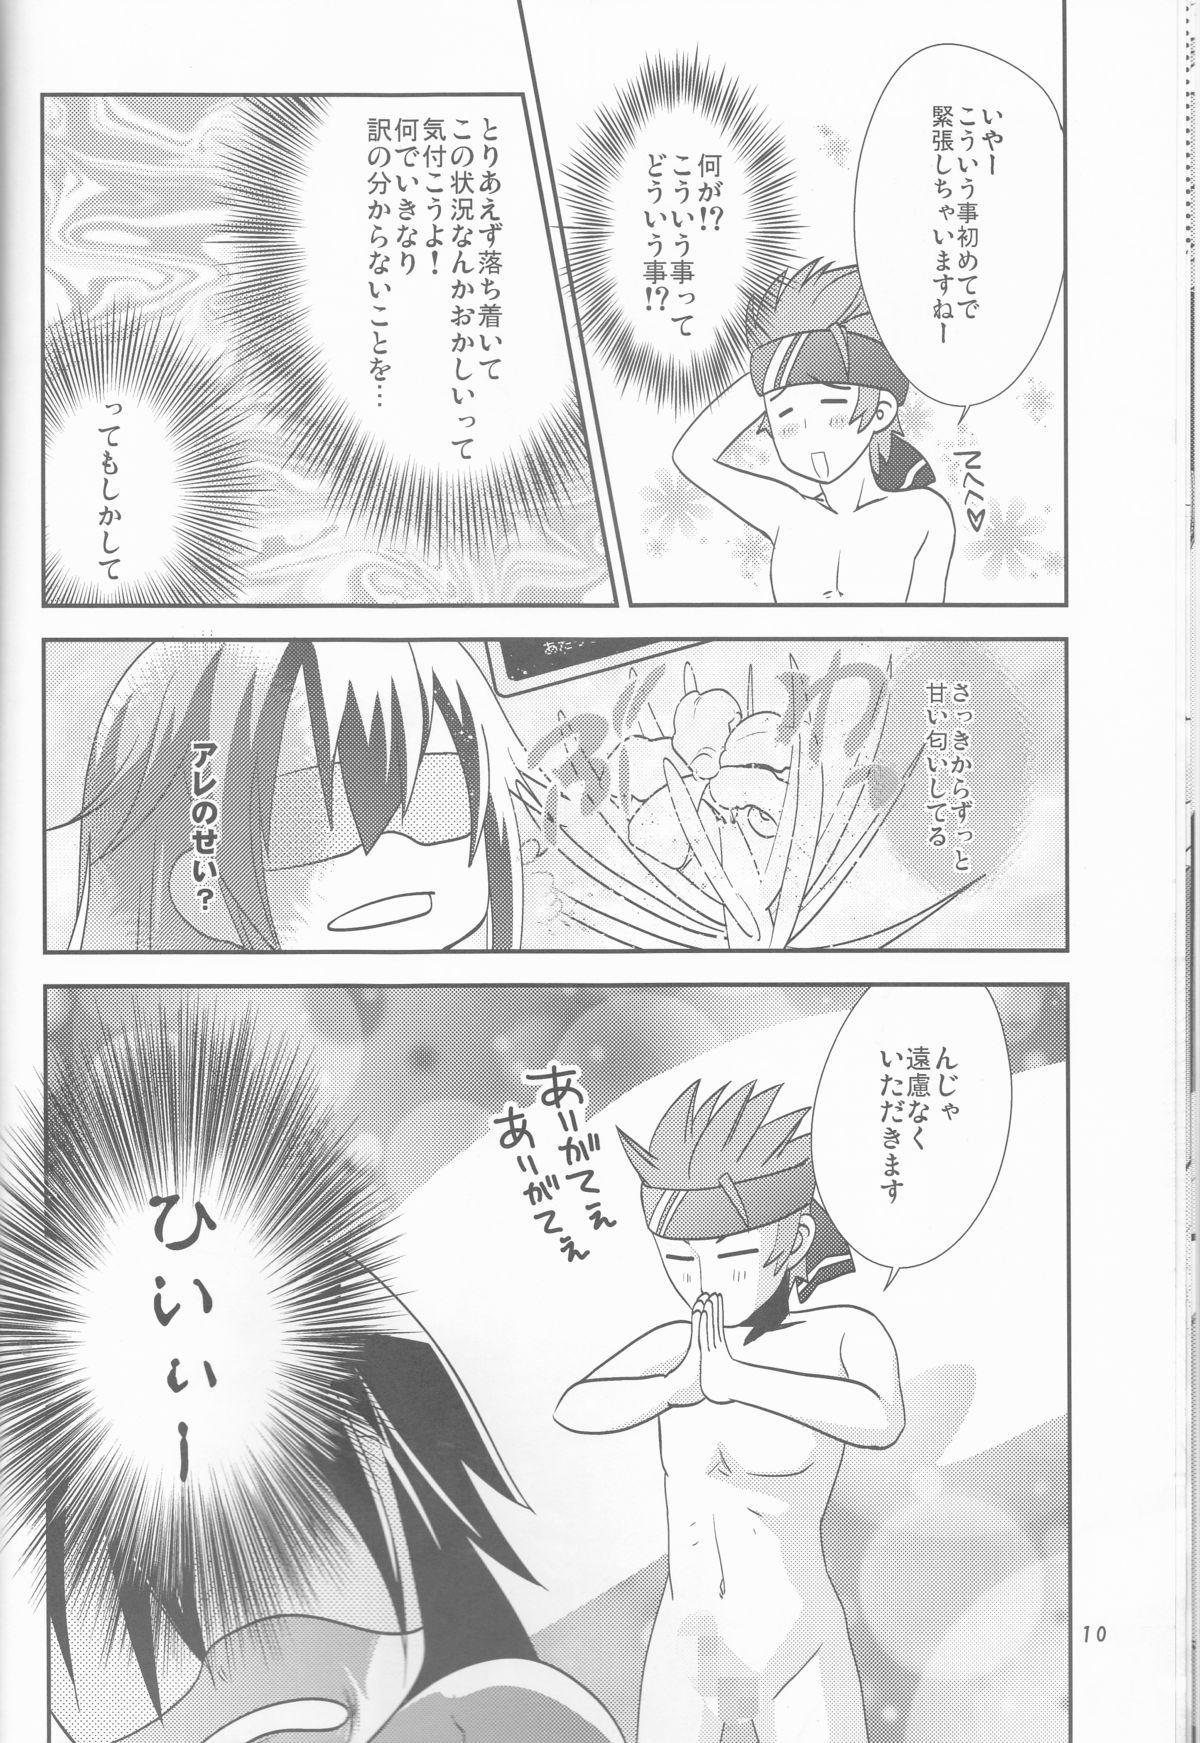 Kirito-kun no shiroku betatsuku nani ka 3 9